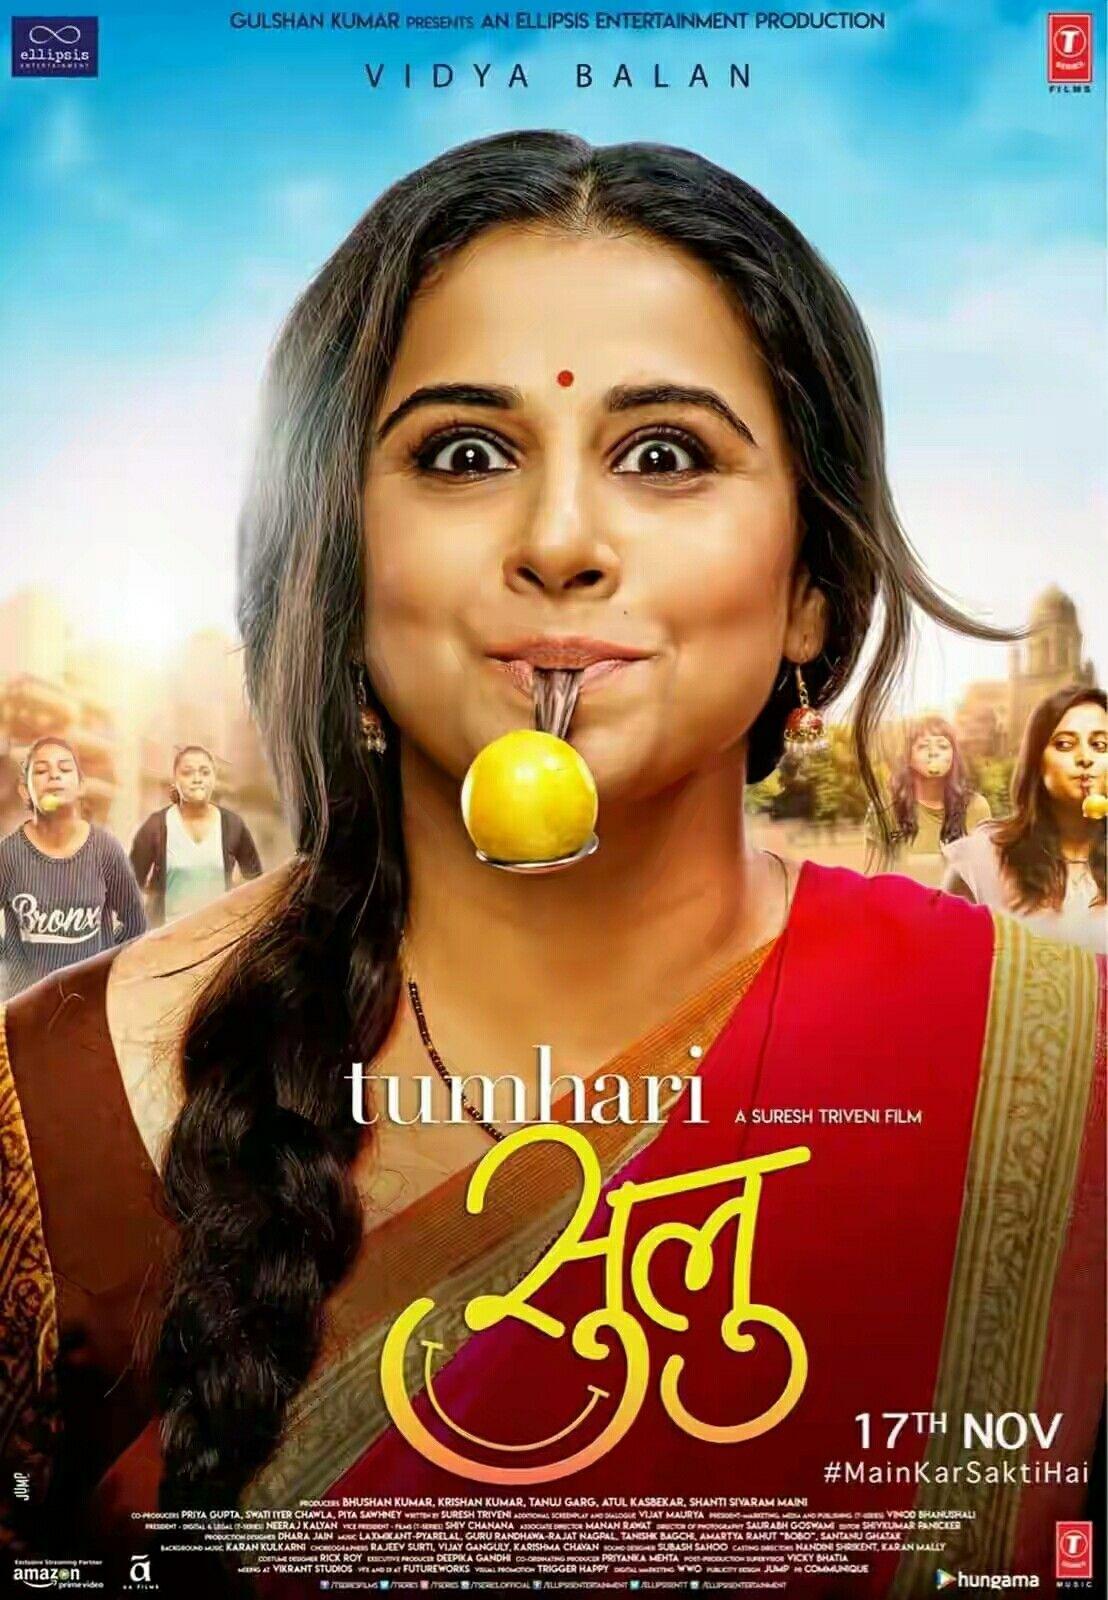 Vidha balan new movie poster out Vidya balan, Bollywood